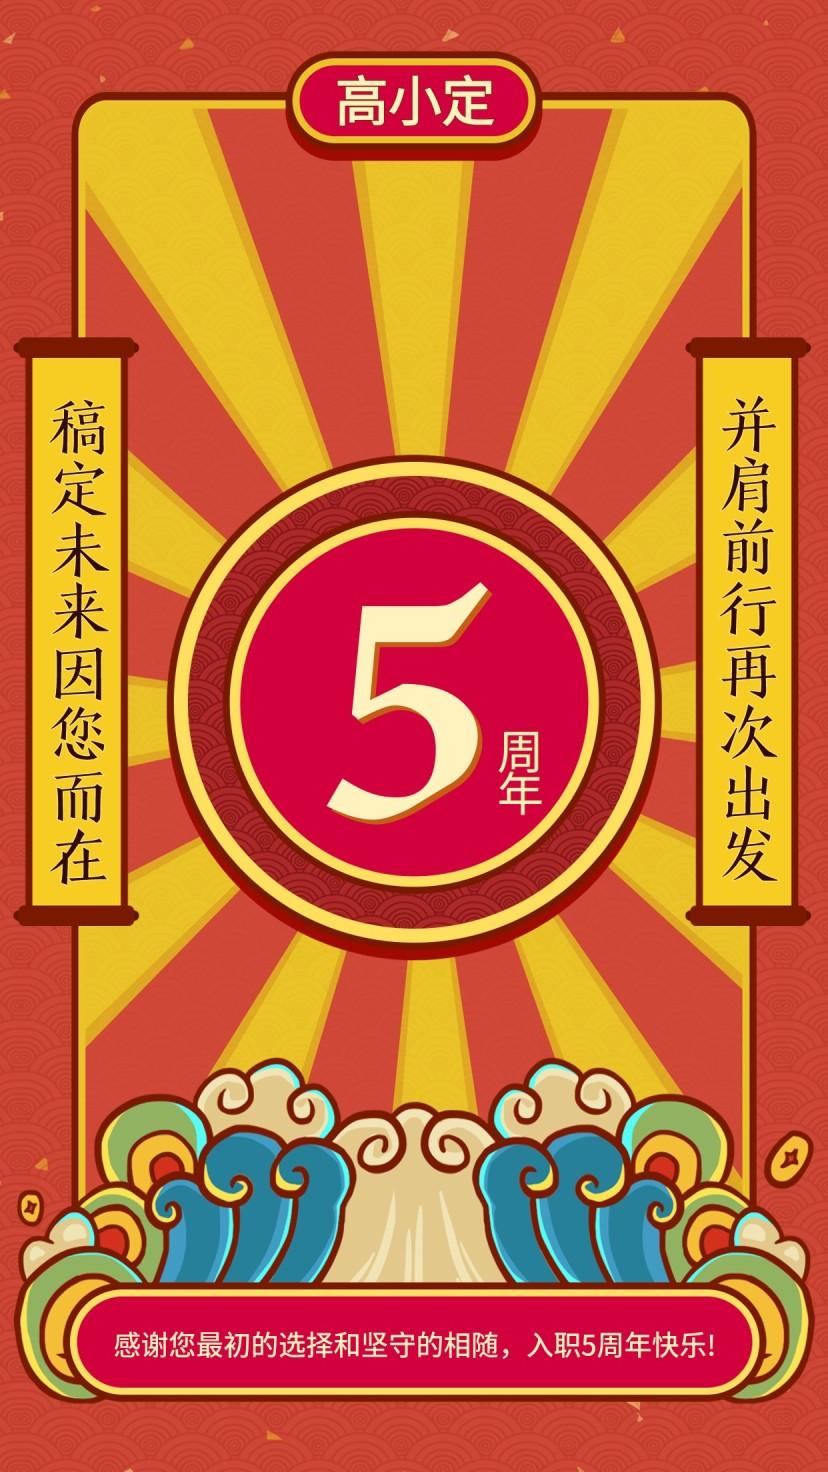 传统入职5周年手机海报